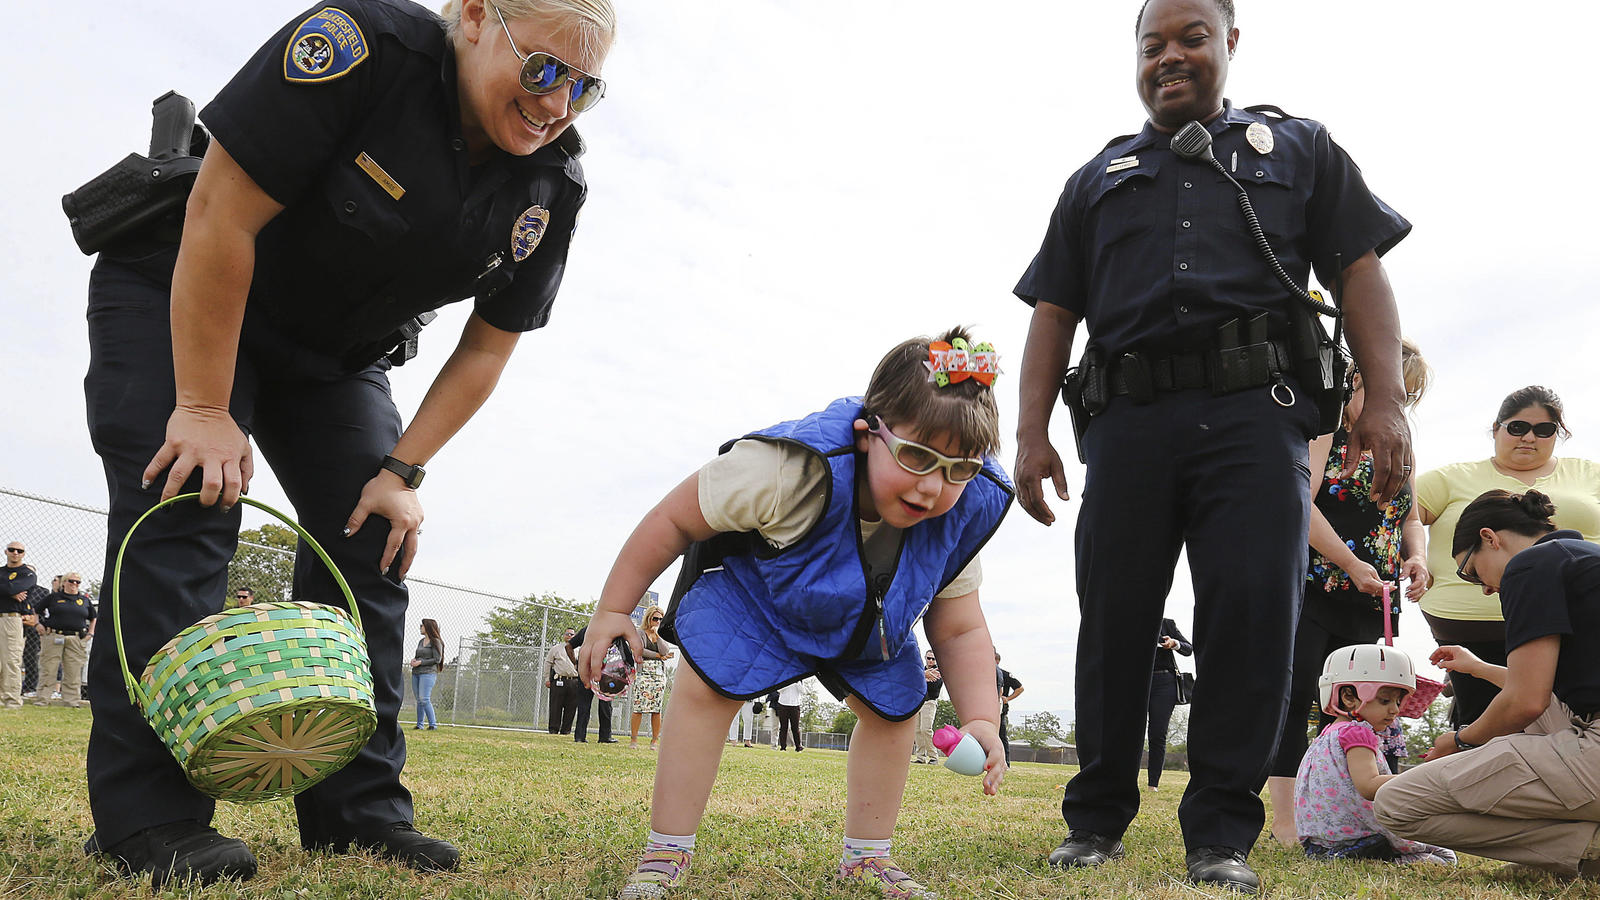 Piepsende Eier in Kalifornien: Polizei überrascht blinde Kinder mit ...